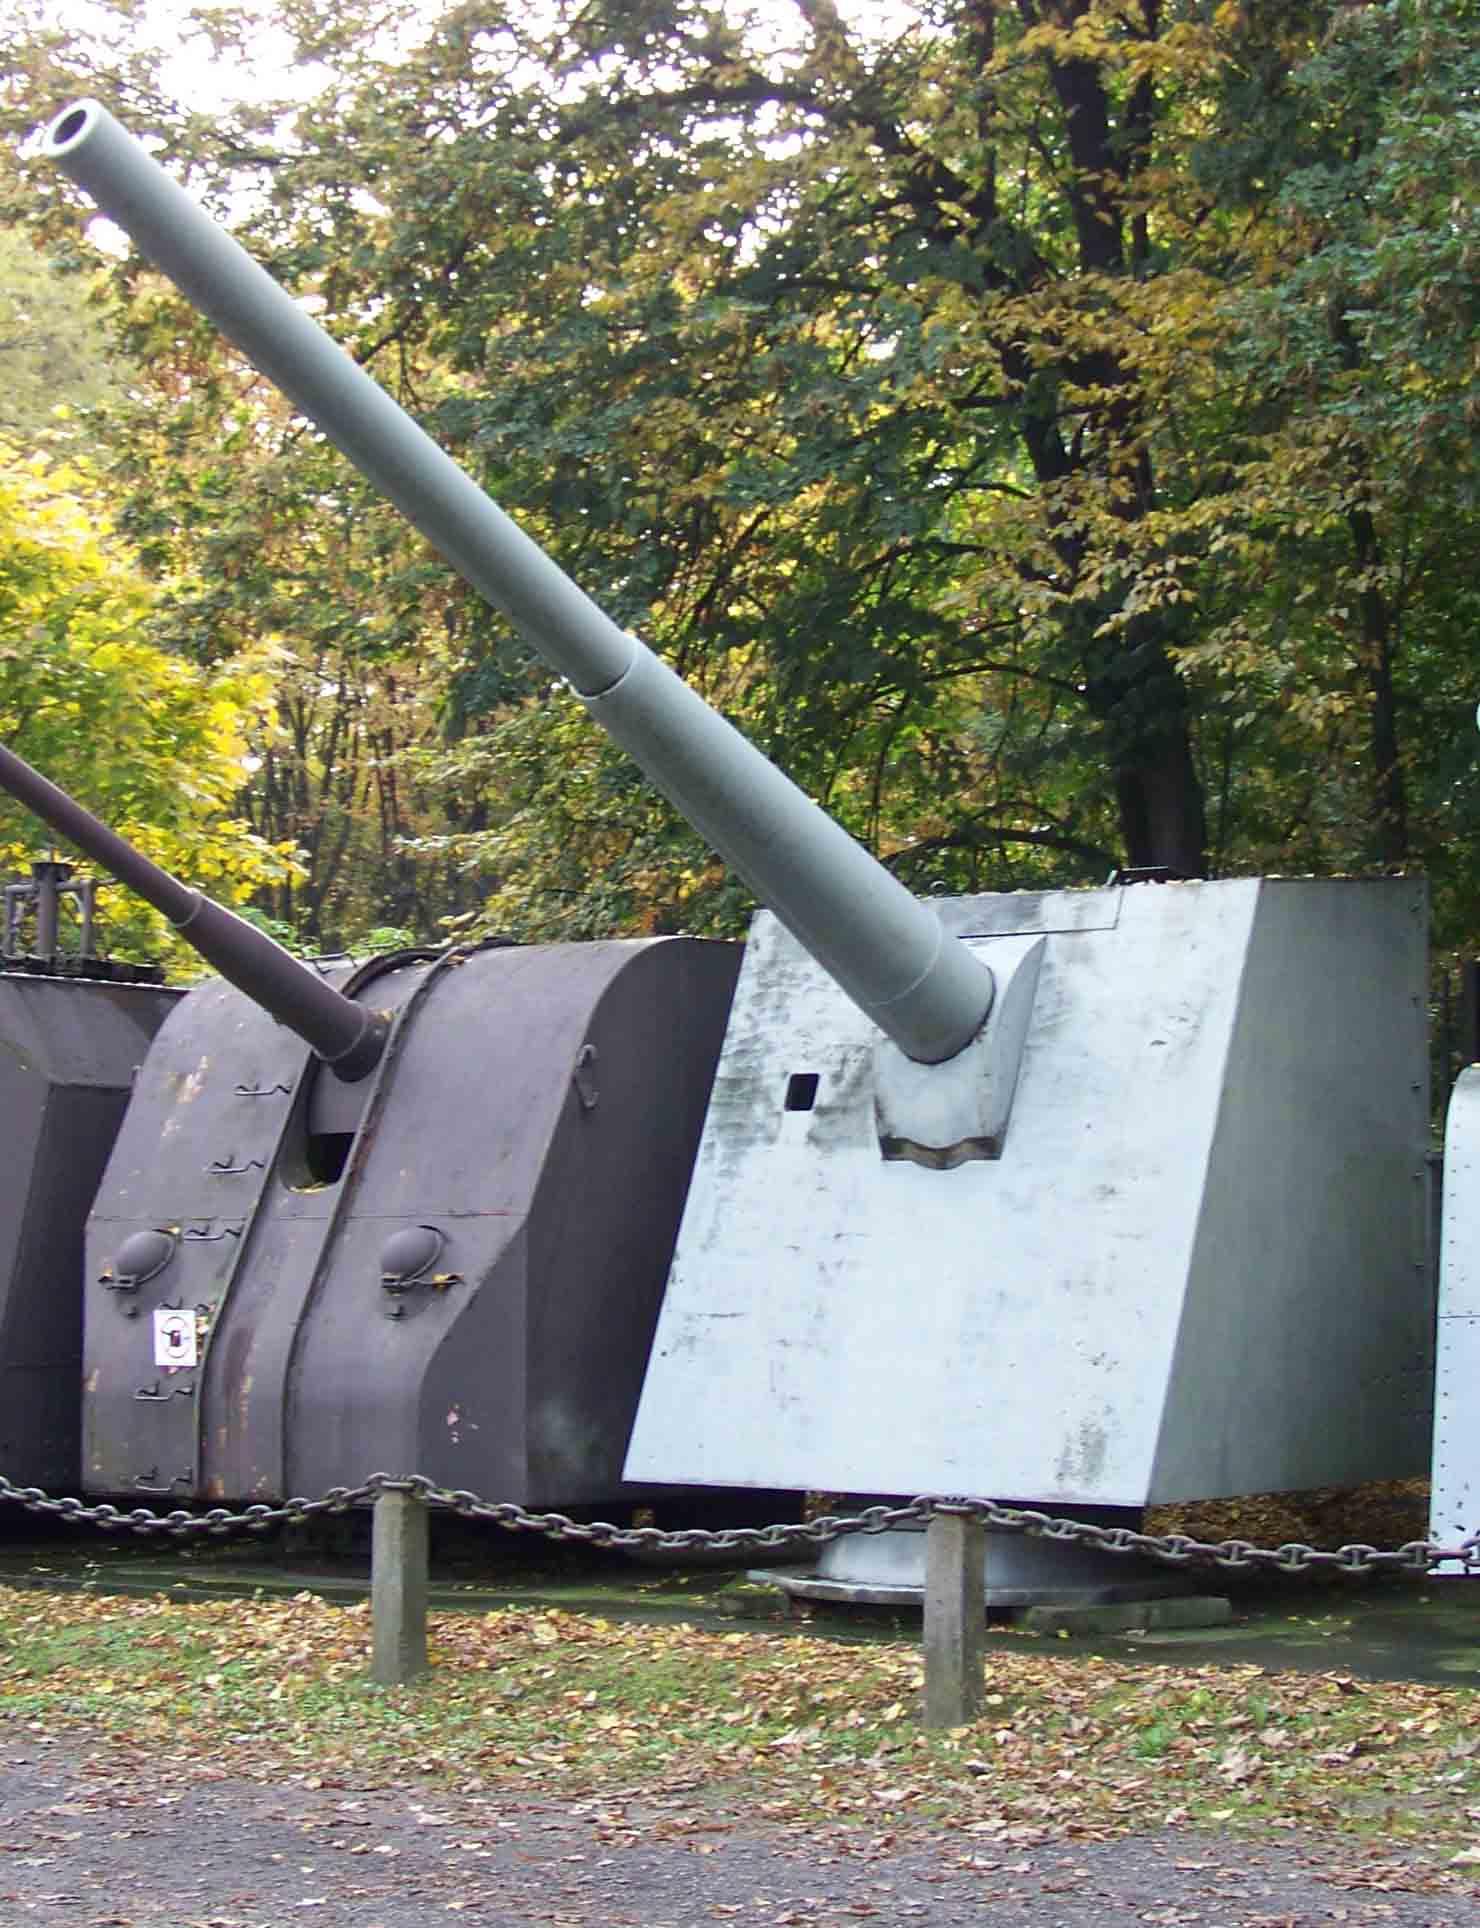 Armata nadbrzeżna Bofors wz. 35 kal. 152,4 mm